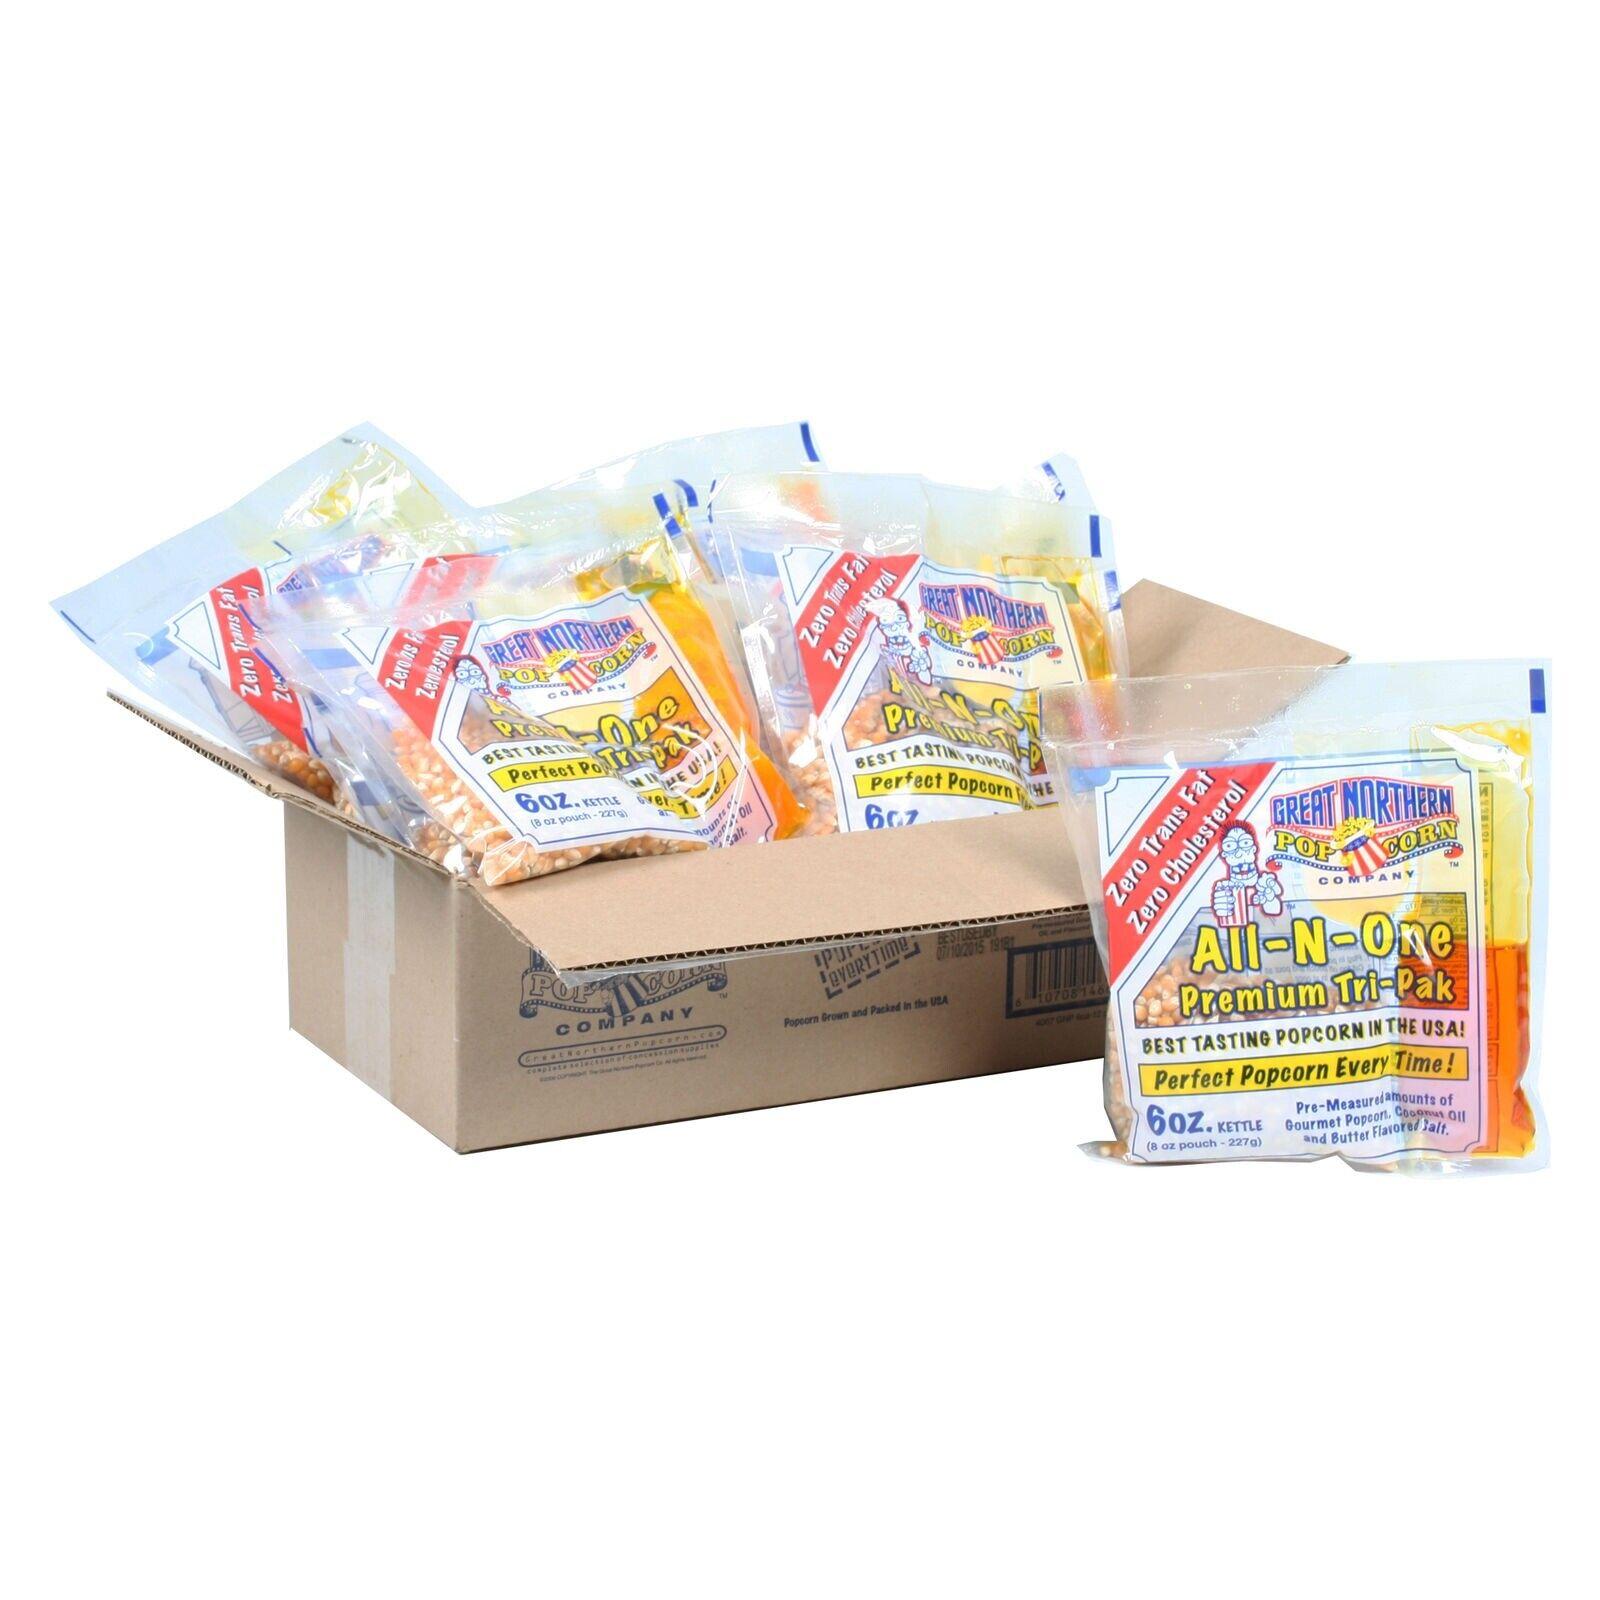 Six Ounce Portion Packs